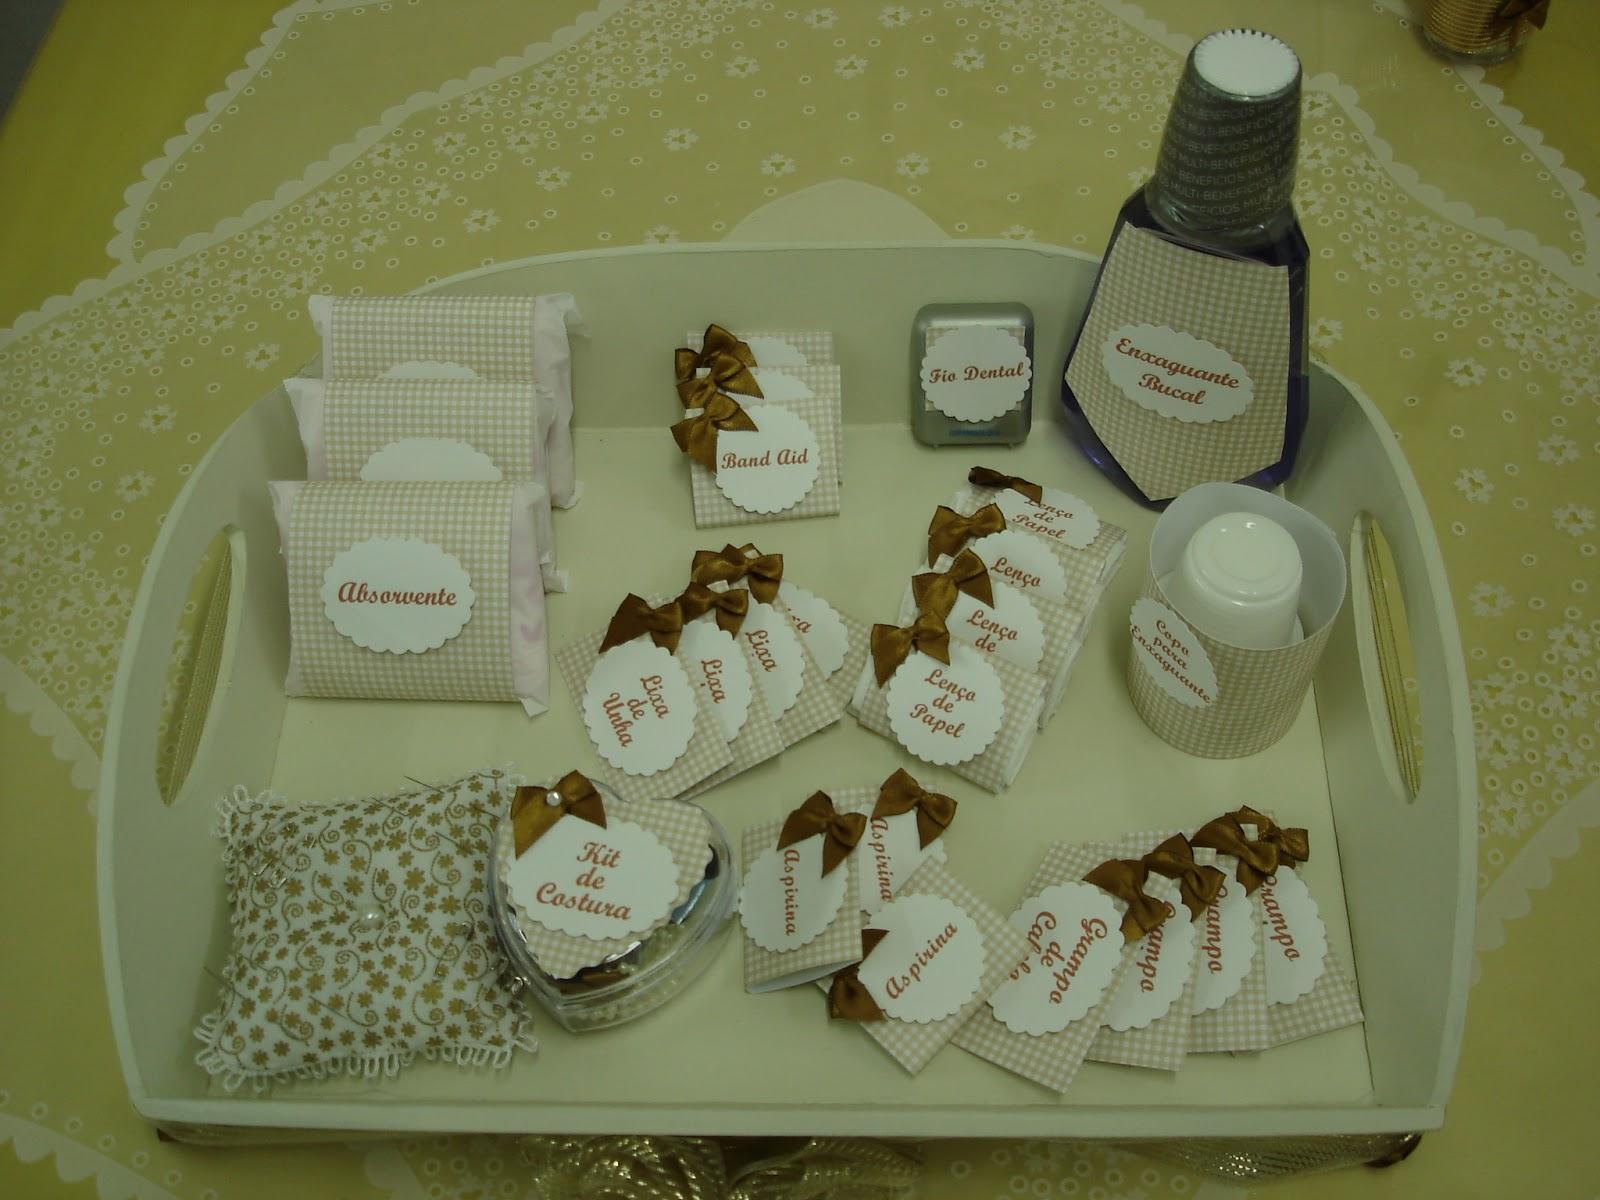 Kit Toalete Casamento Brasilia : Atelielas kit toalete para casamento